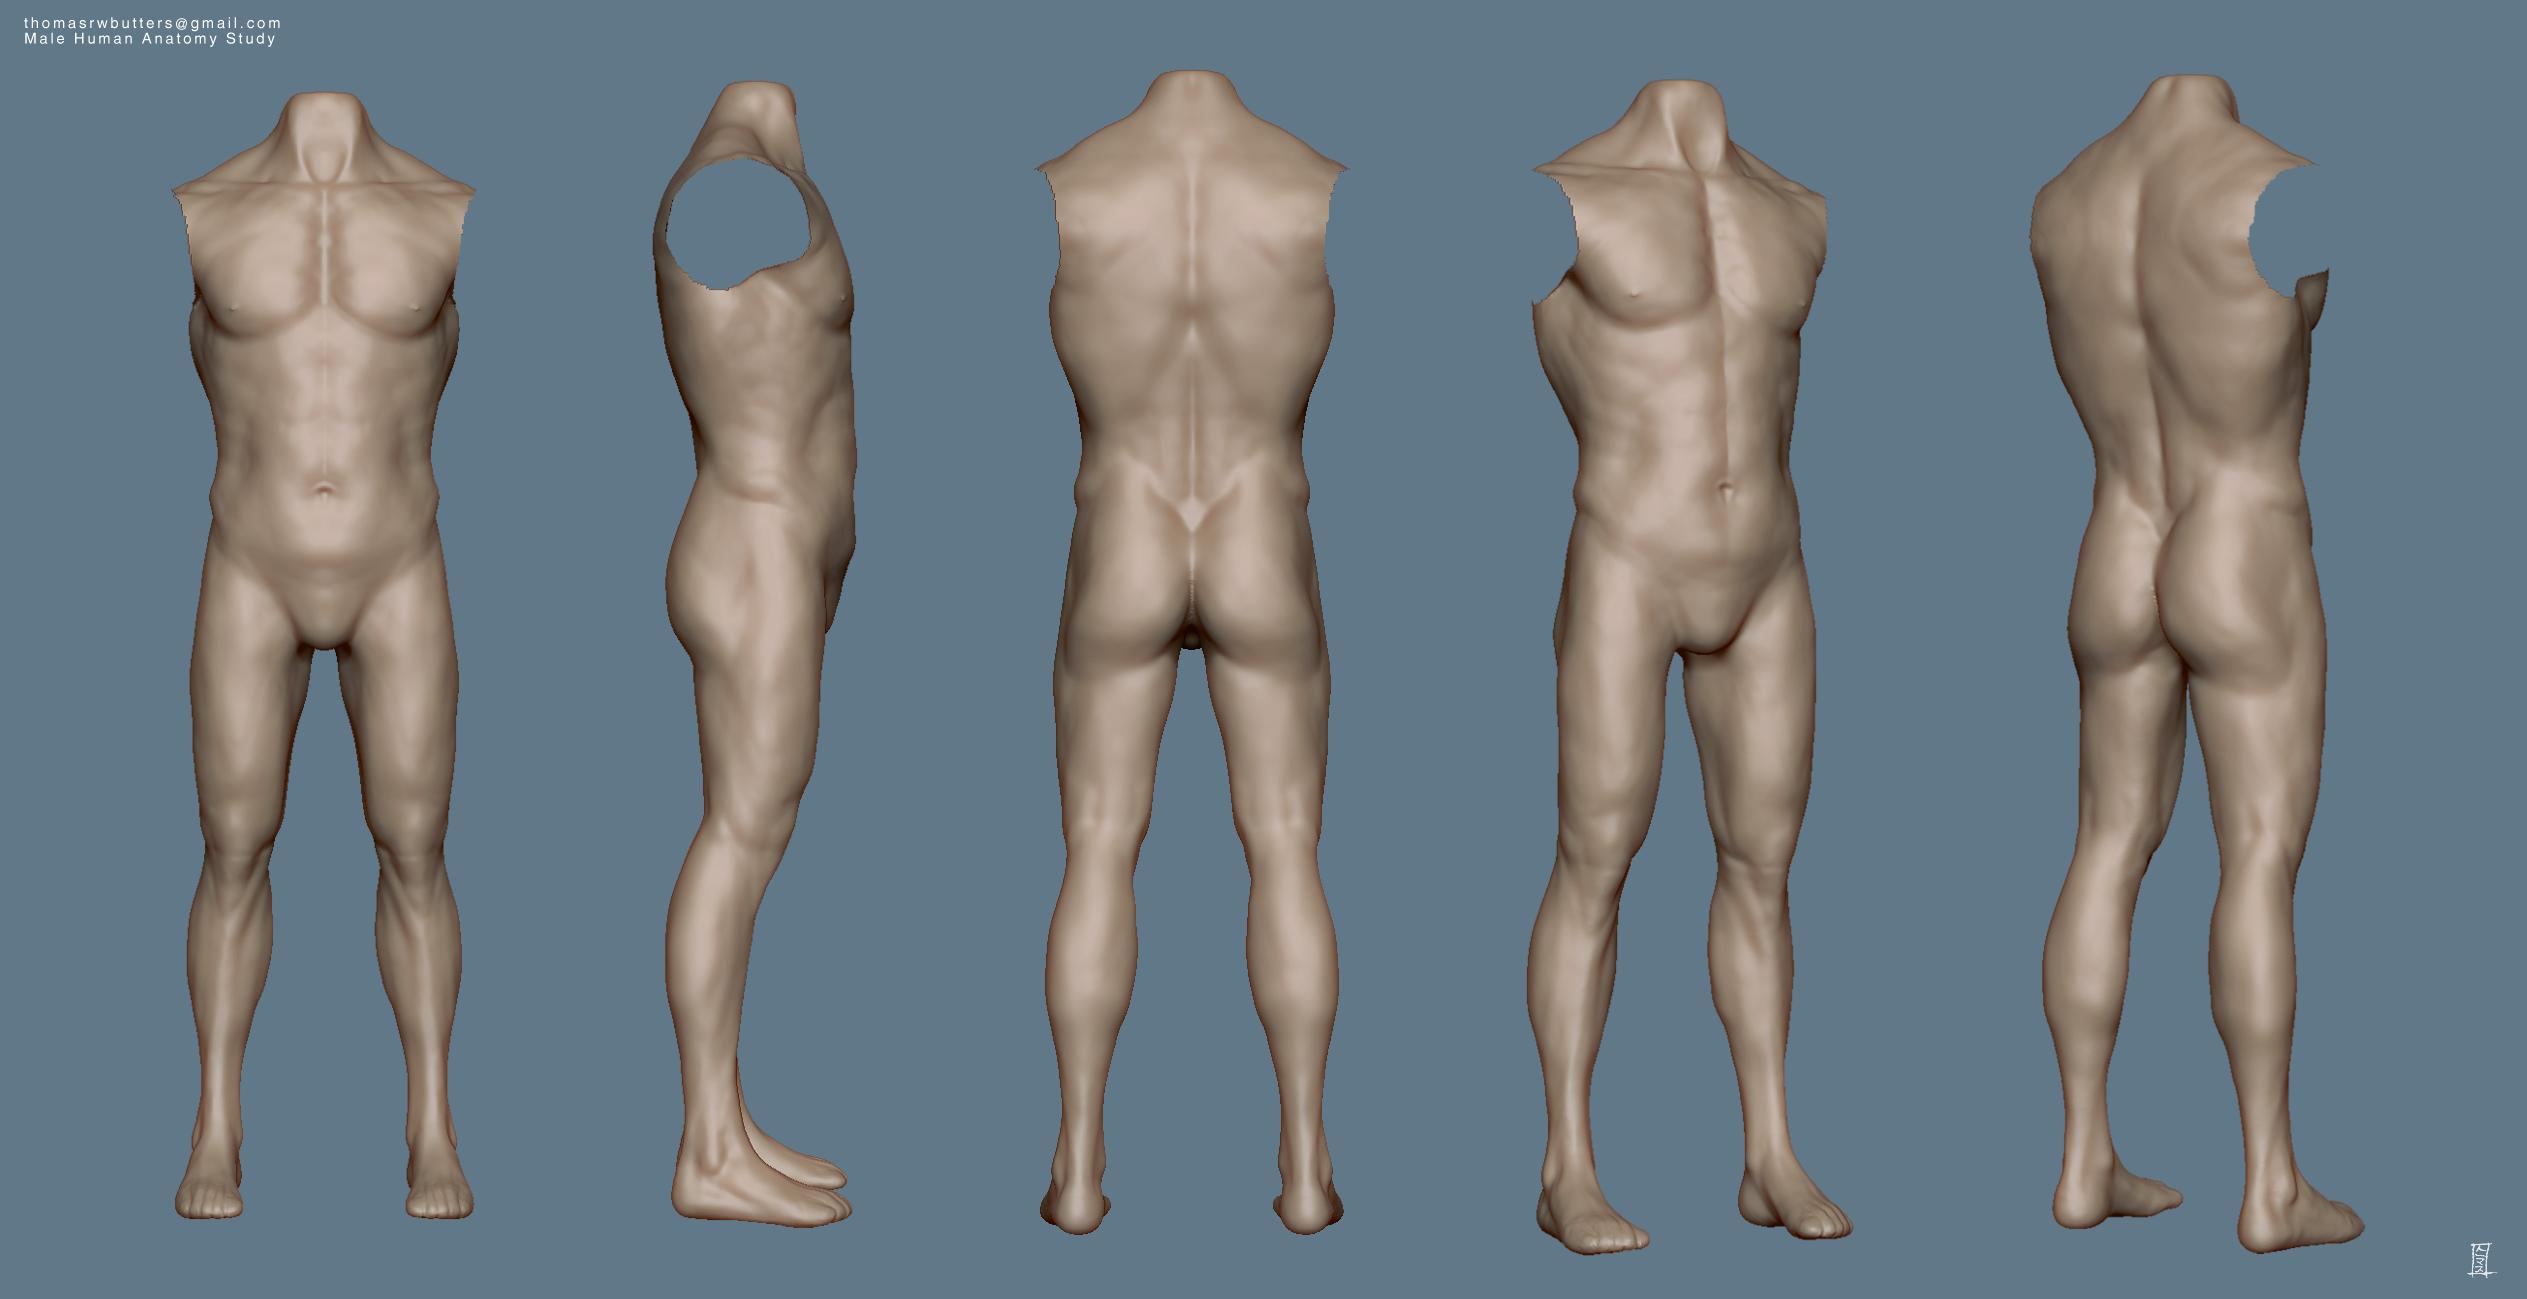 Male Human Anatomy Study by MrNinjutsu on DeviantArt